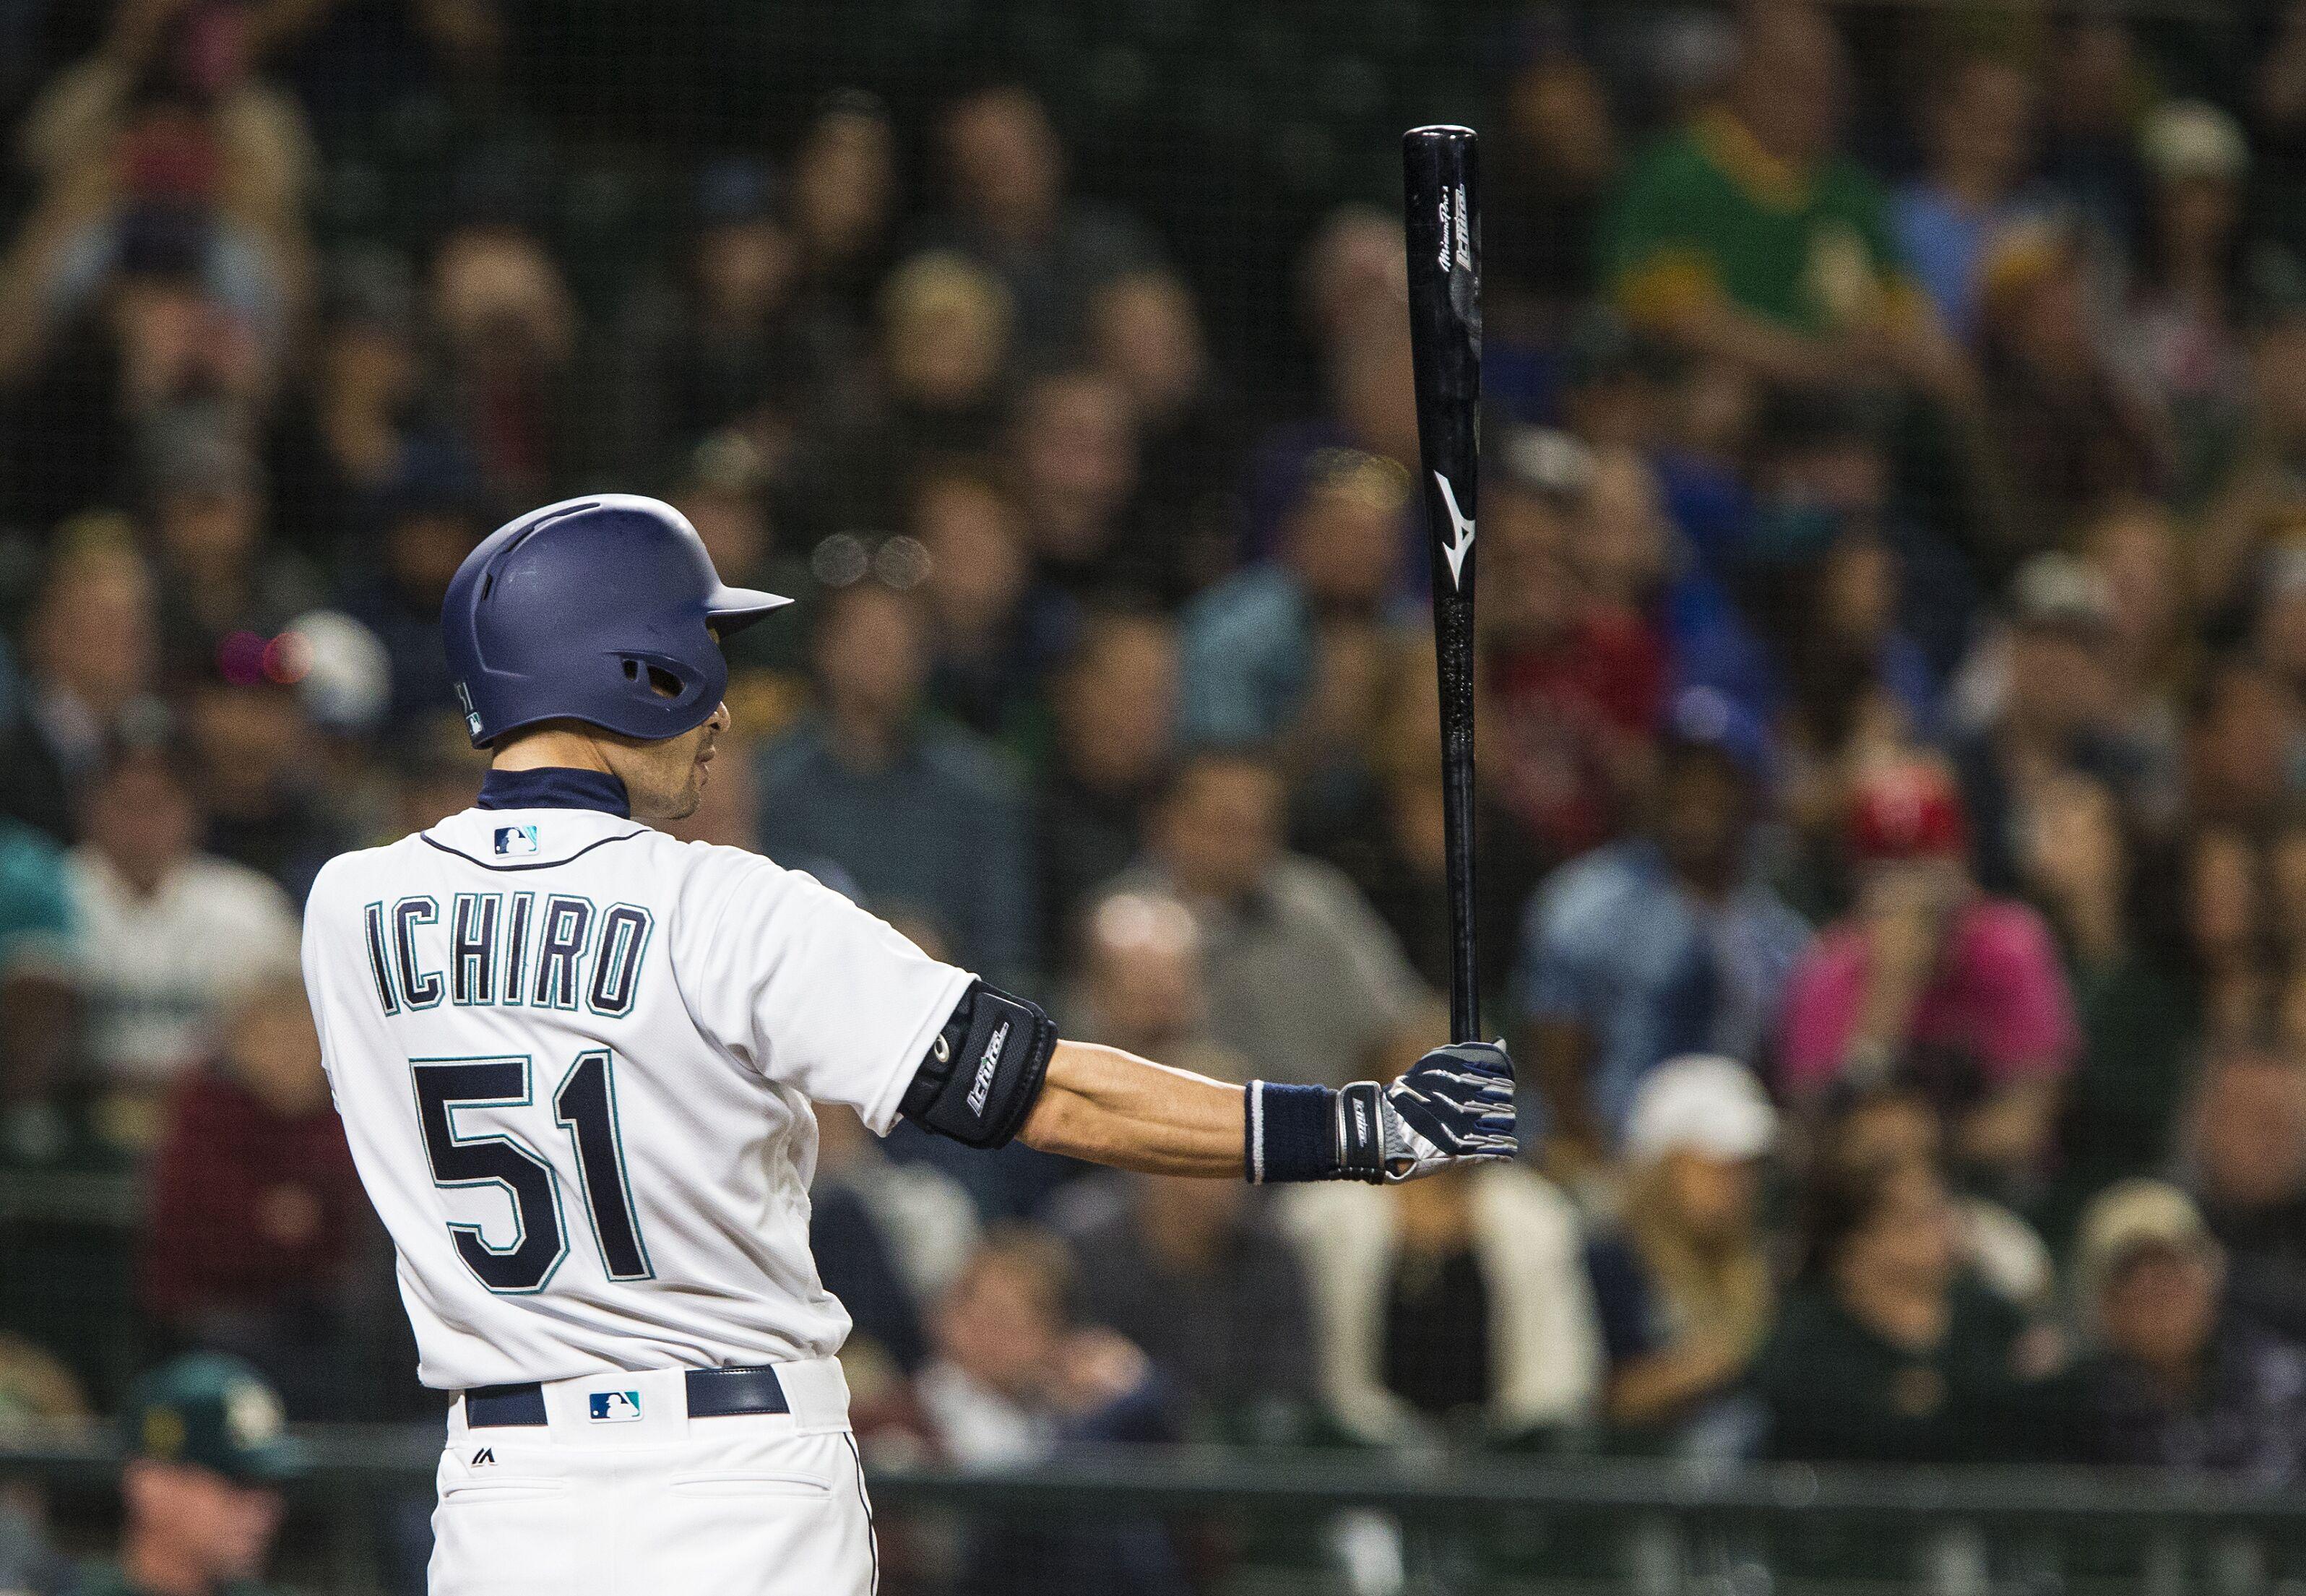 Ichiro Suzuki: Seattle Mariners all-time great rankings